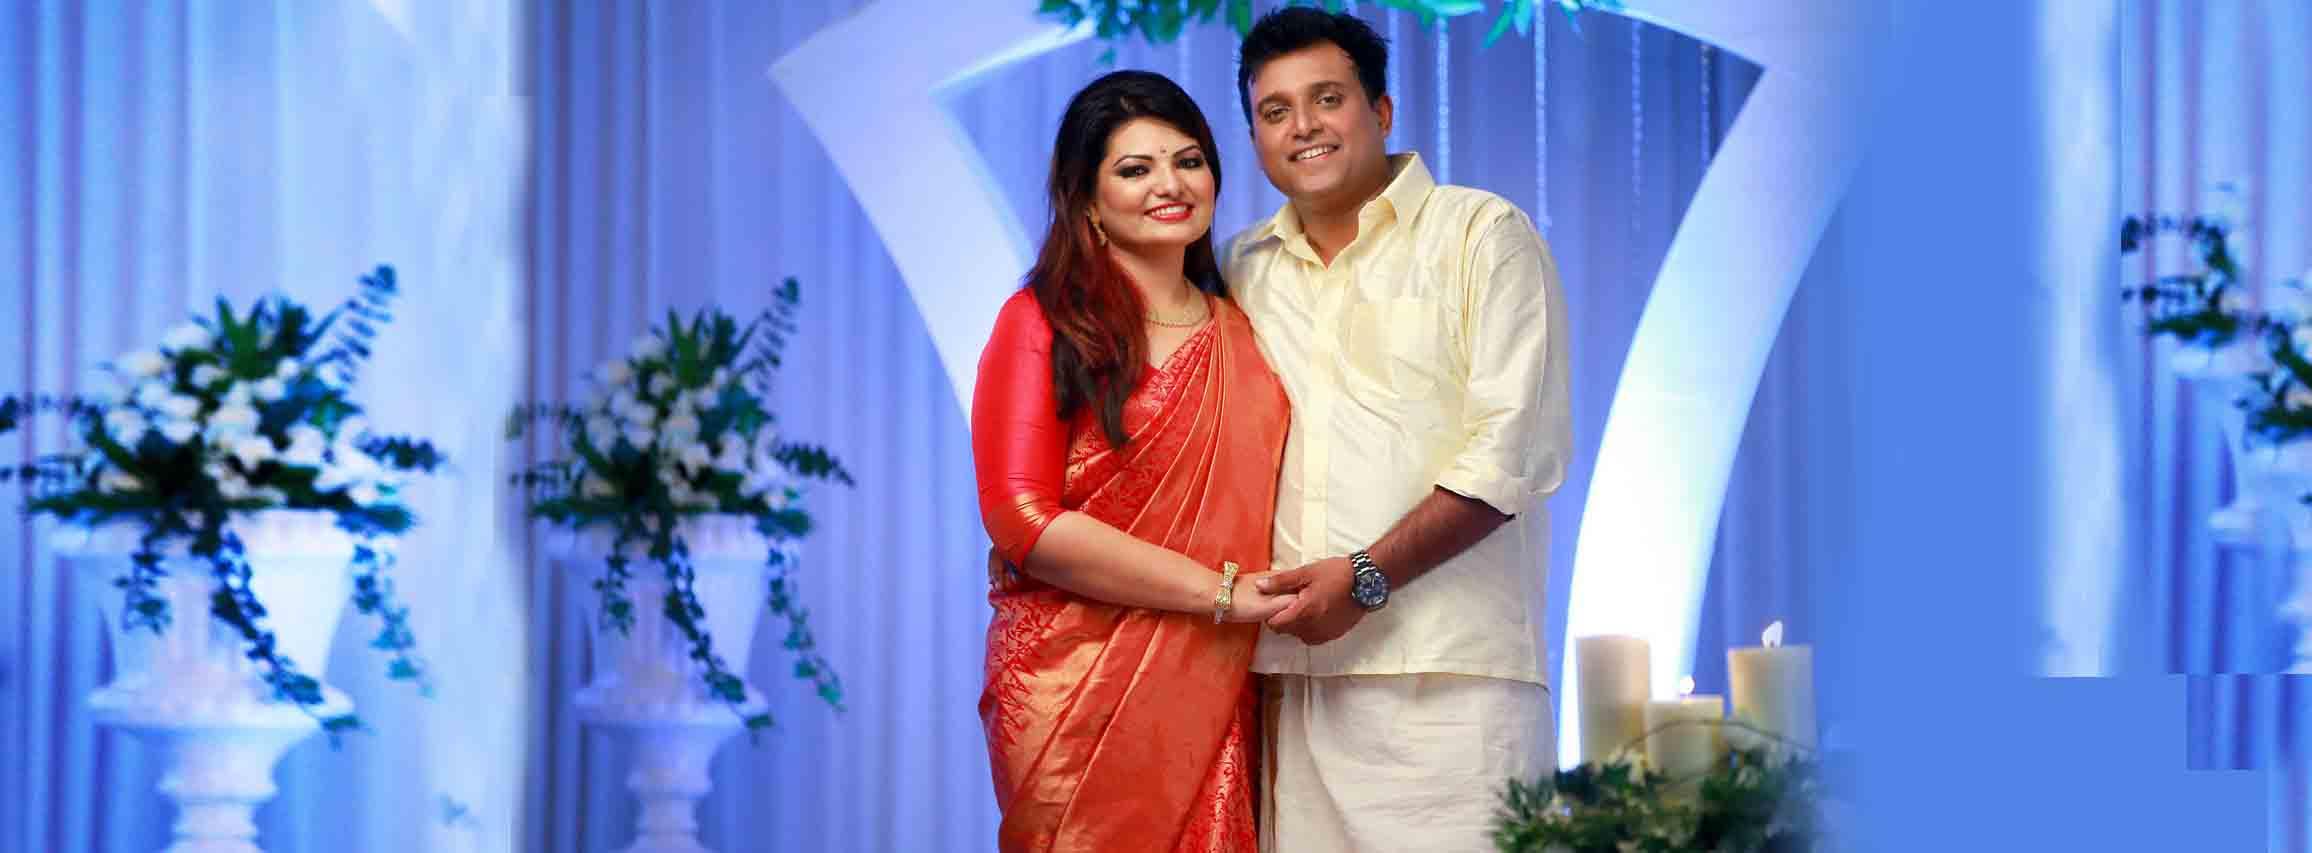 sandra-vijay-sandra-marriage